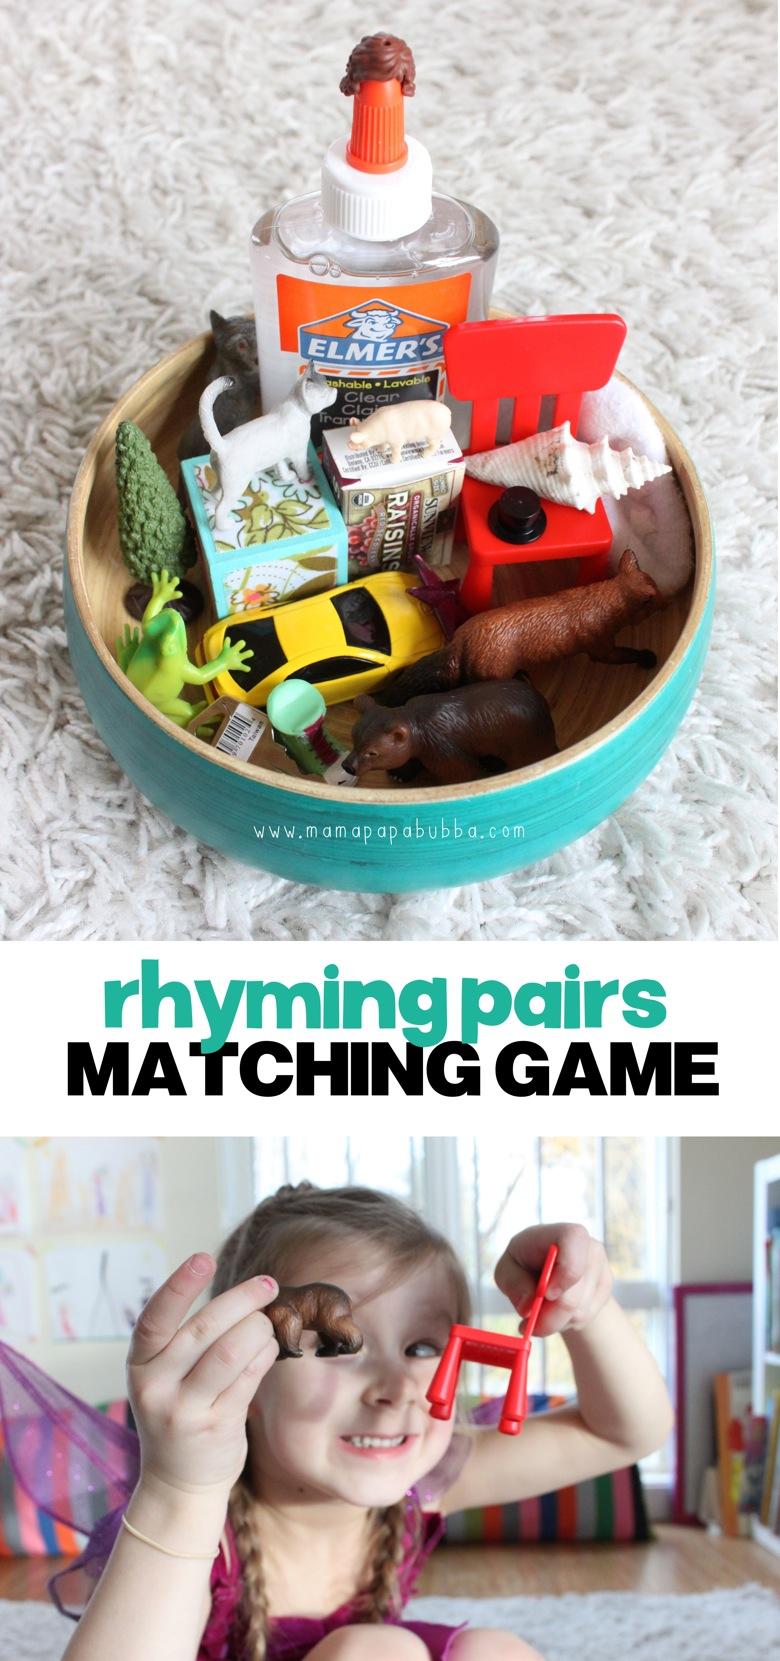 Rhyming Pairs Matching Game | Mama Papa Bubba